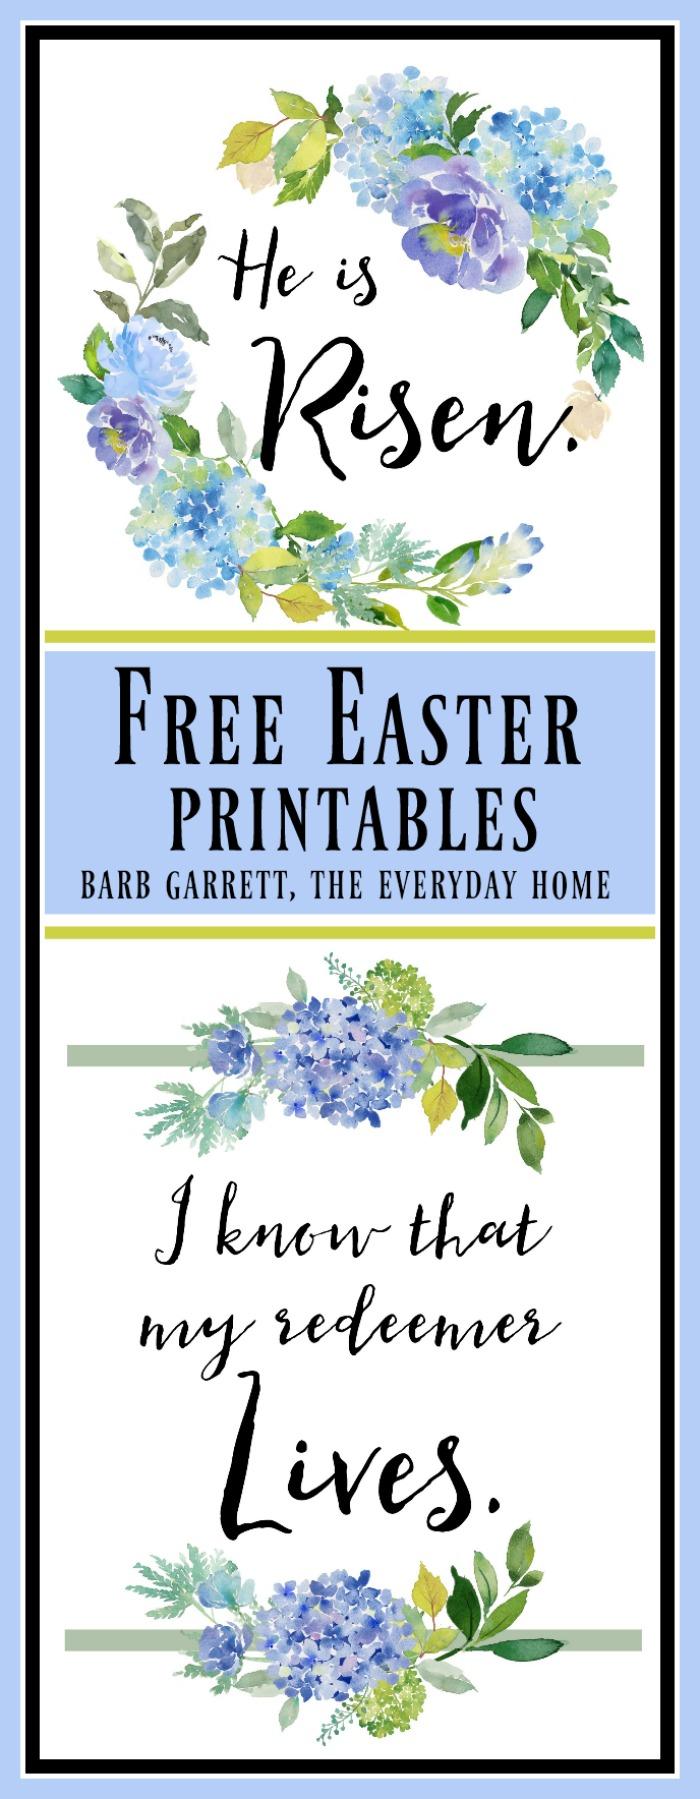 FREE Easter Printables | The Everyday Home | www.everydayhomeblog.com